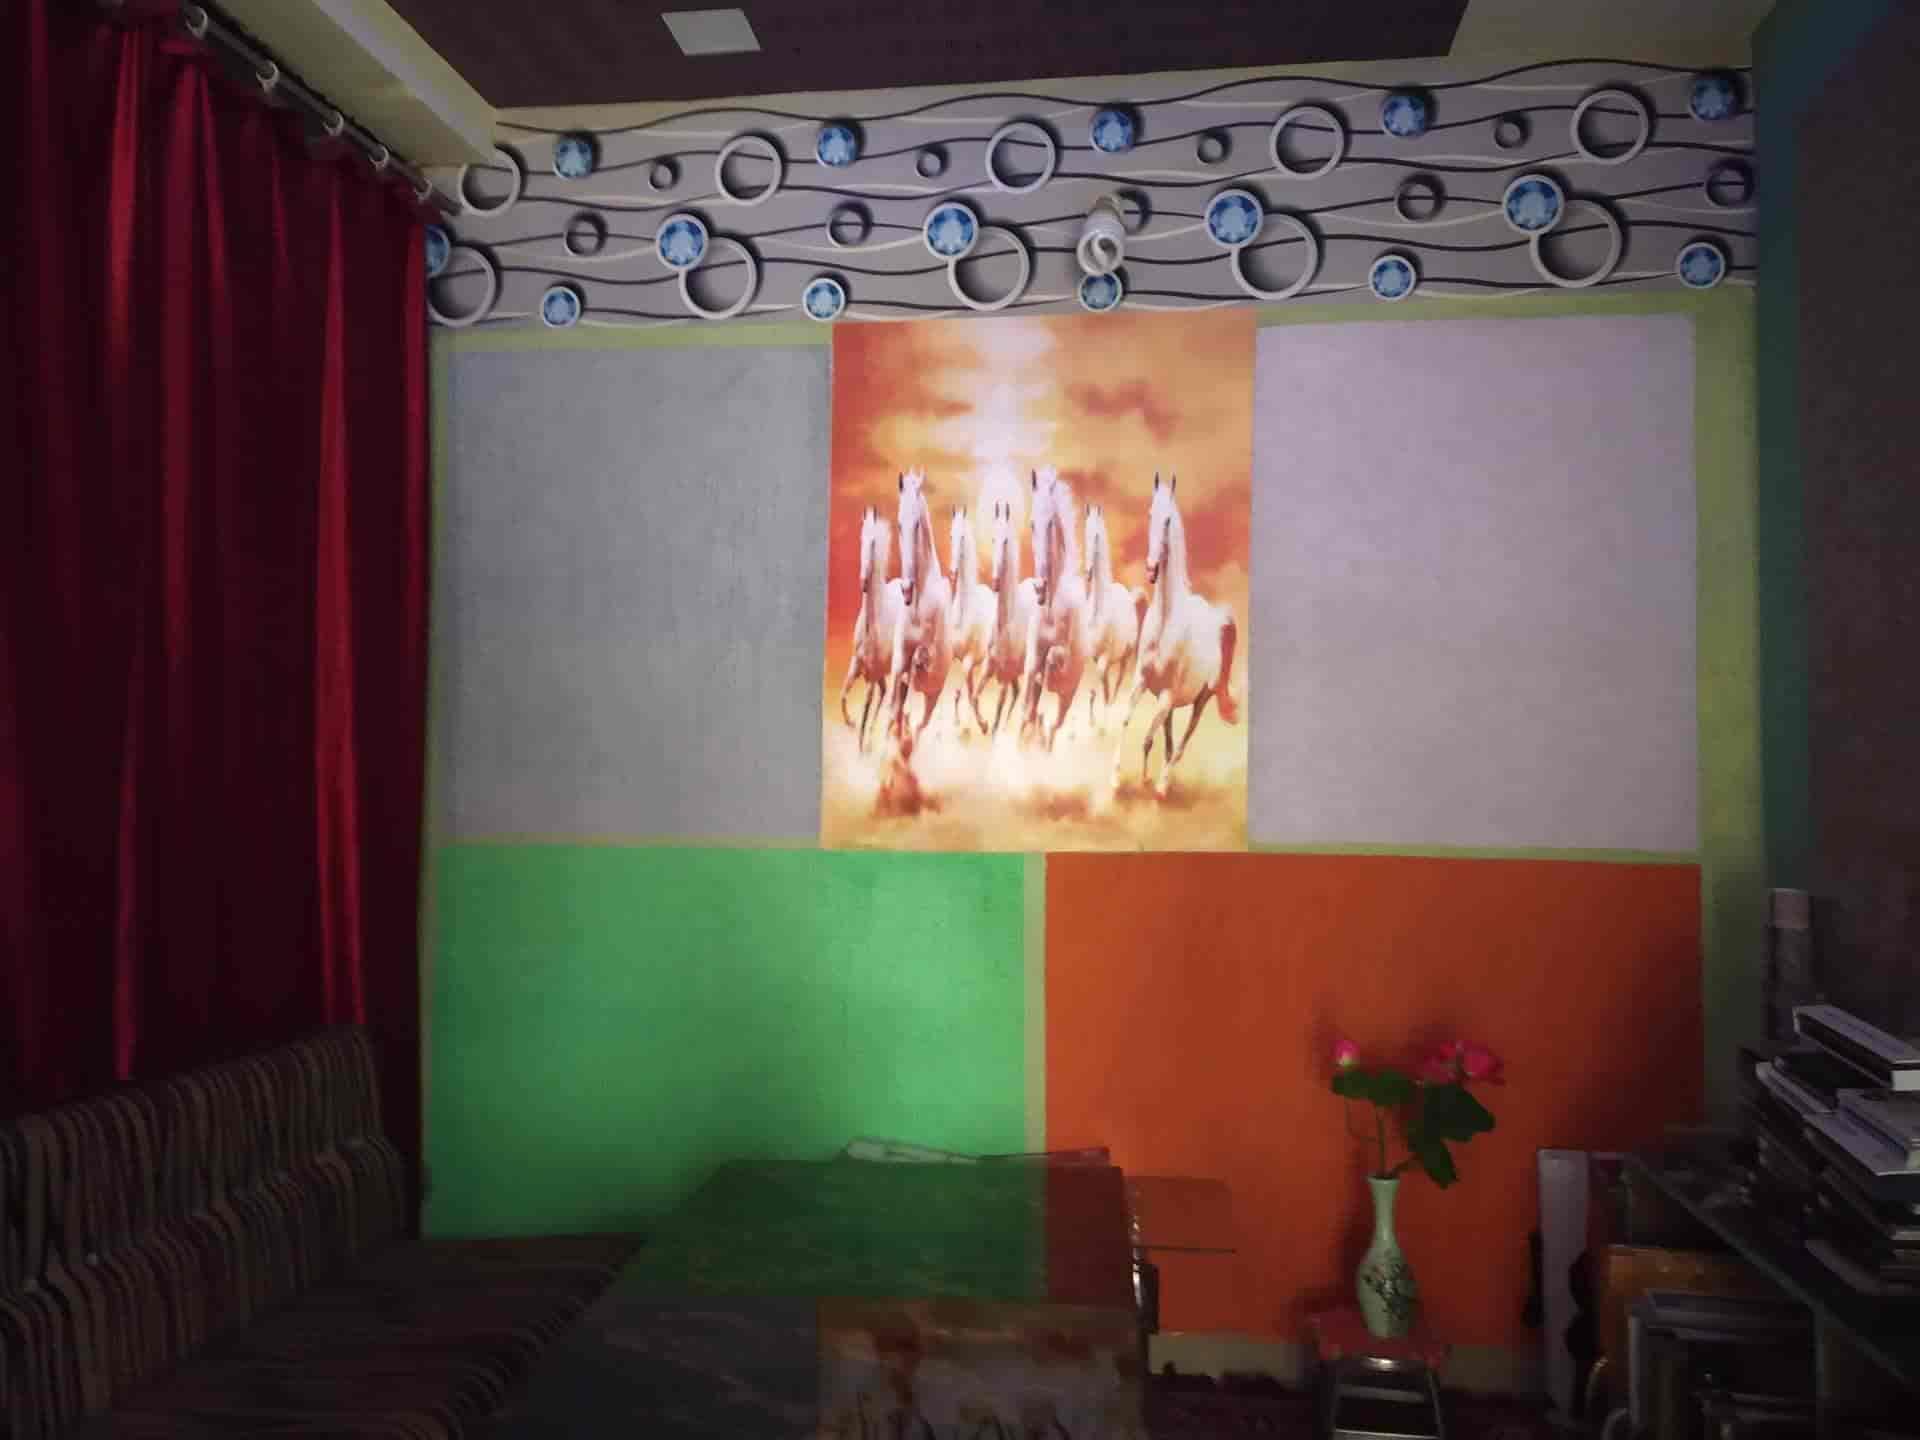 Ambika Wall Furnishings Reviews, Bawadia Kalan, Bhopal   2 Ratings    Justdial